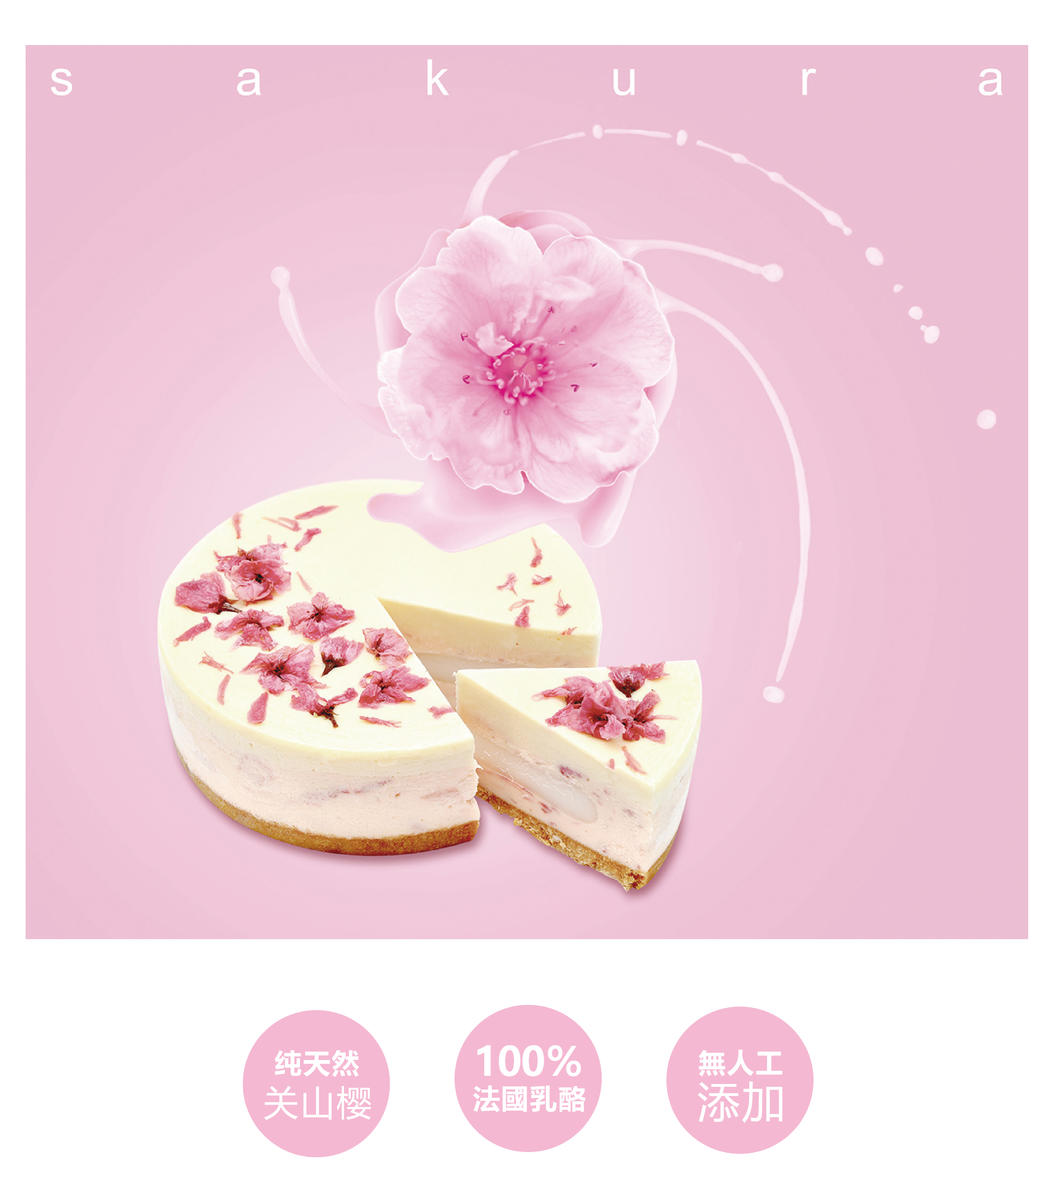 关山樱花COOL酪 Sakura Cool Cheese 09